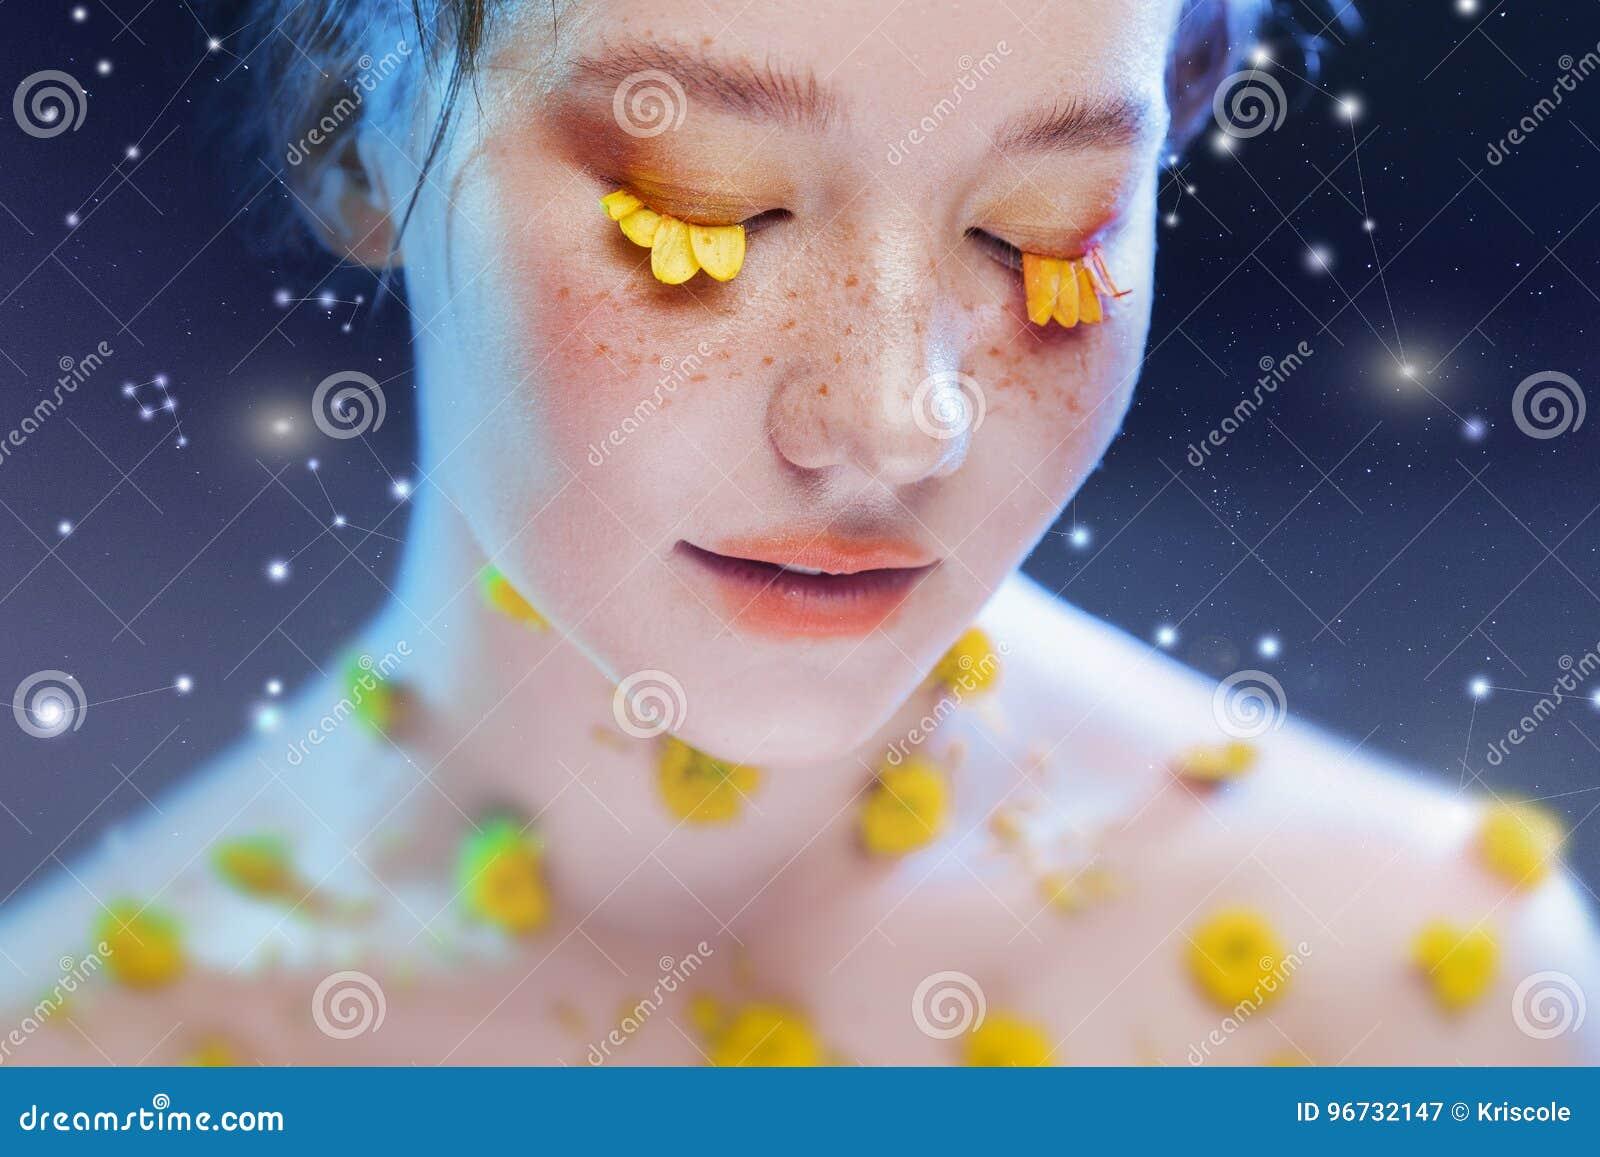 Όμορφο νέο κορίτσι στην εικόνα της χλωρίδας, πορτρέτο κινηματογραφήσεων σε πρώτο πλάνο Μυθικό πορτρέτο σε ένα έναστρο υπόβαθρο